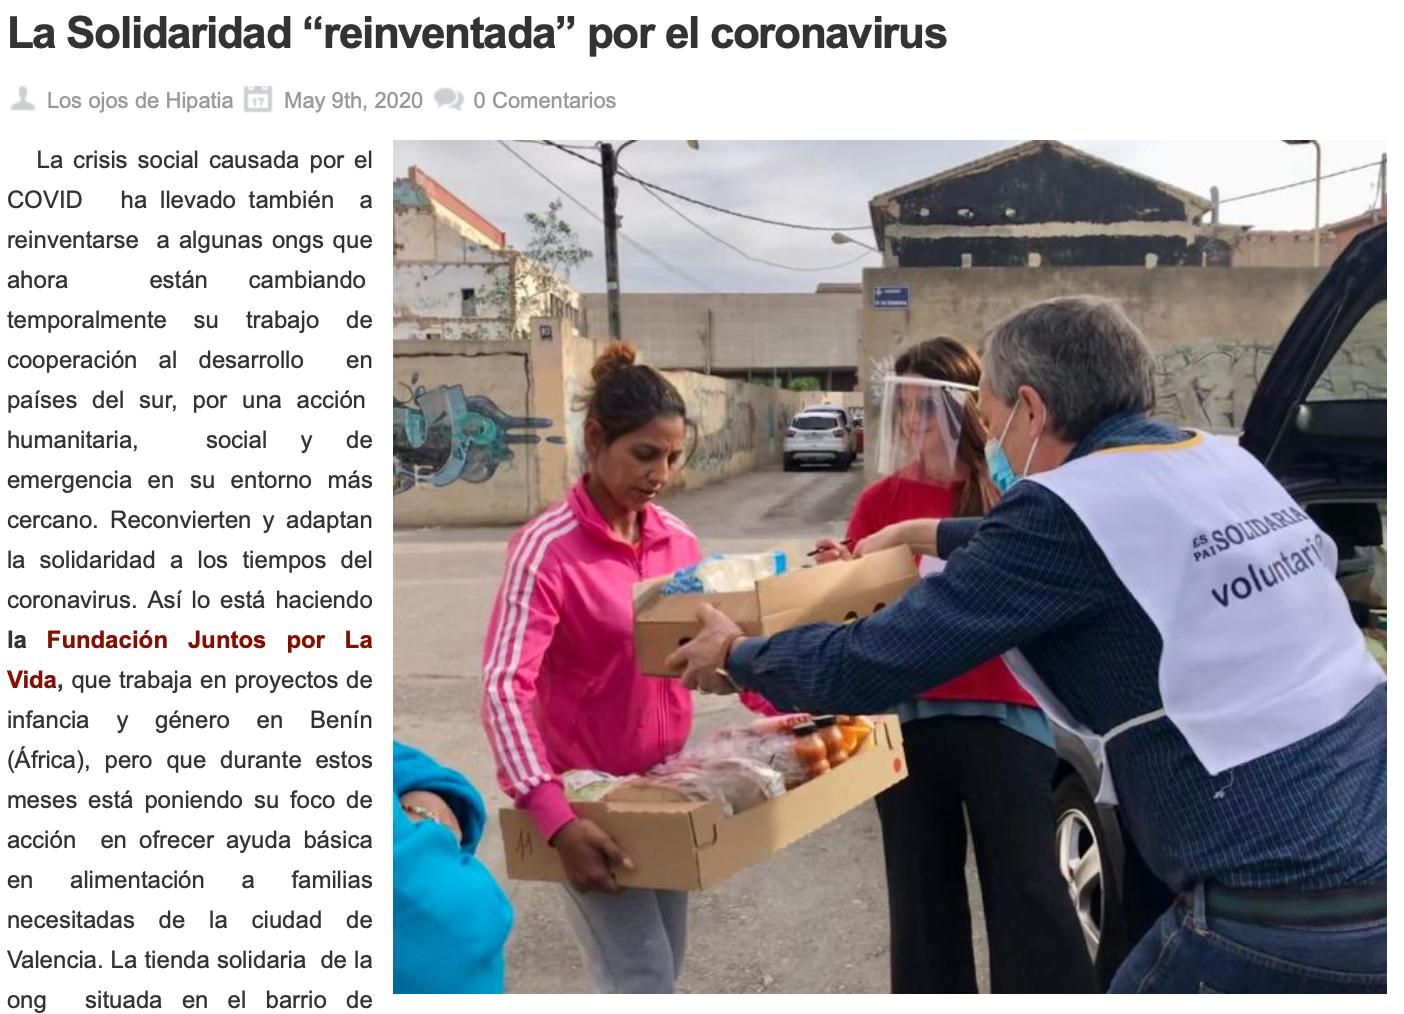 La Solidaridad Reinventada por el Coronavirus. Los Ojos de Hipatia 9 Mayo